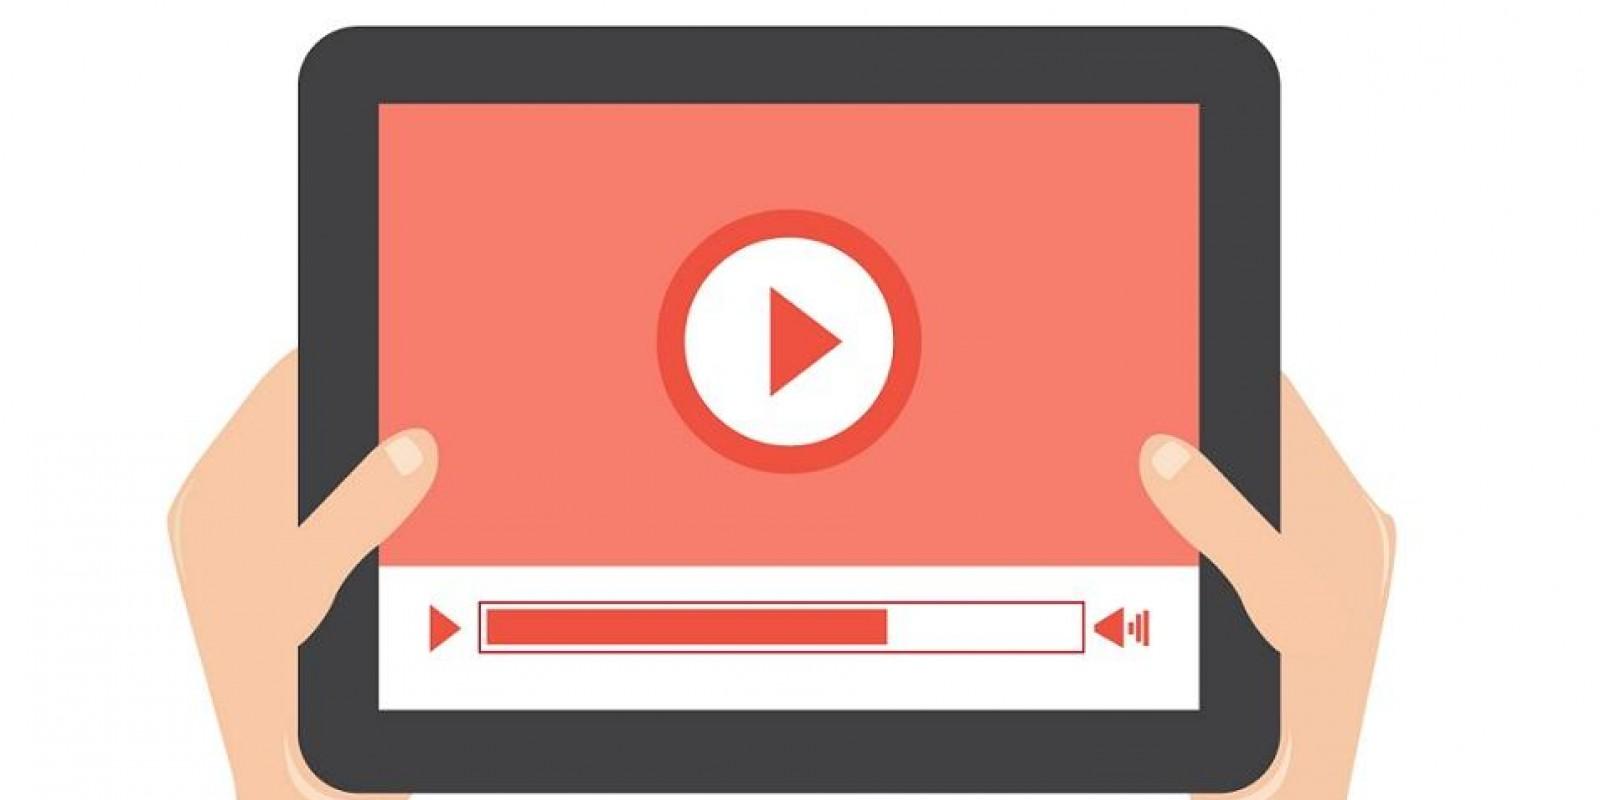 Acertando no alvo com vídeos de qualidade